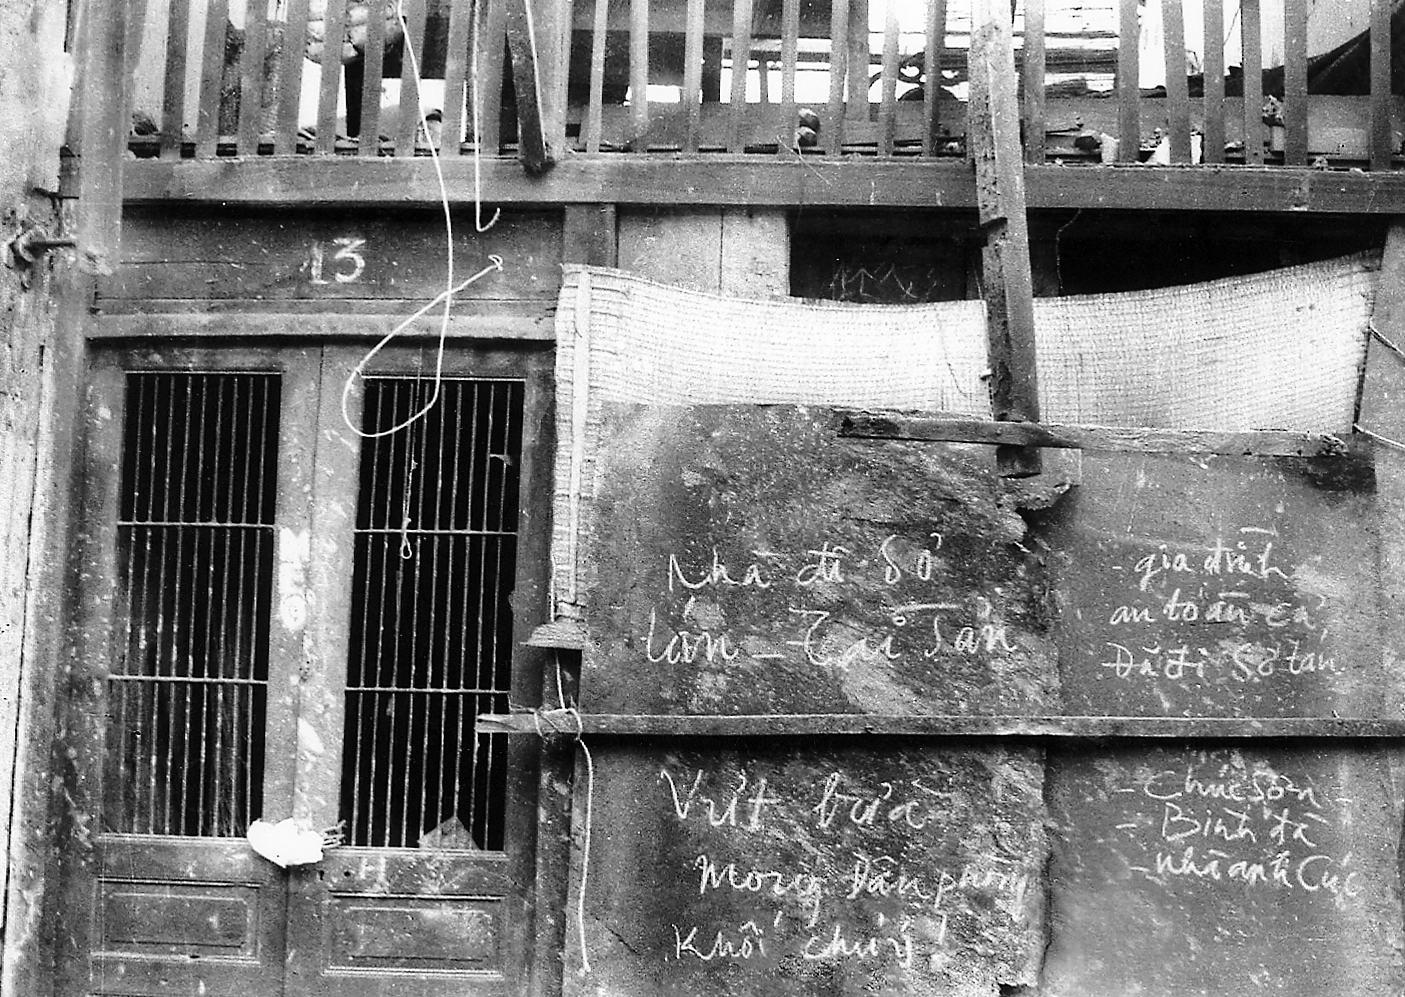 Hà Nội 12 ngày đêm,B 52,Chiến thắng Điện Biên Phủ trên không,Hà Nội,Chiến tranh chống Mỹ